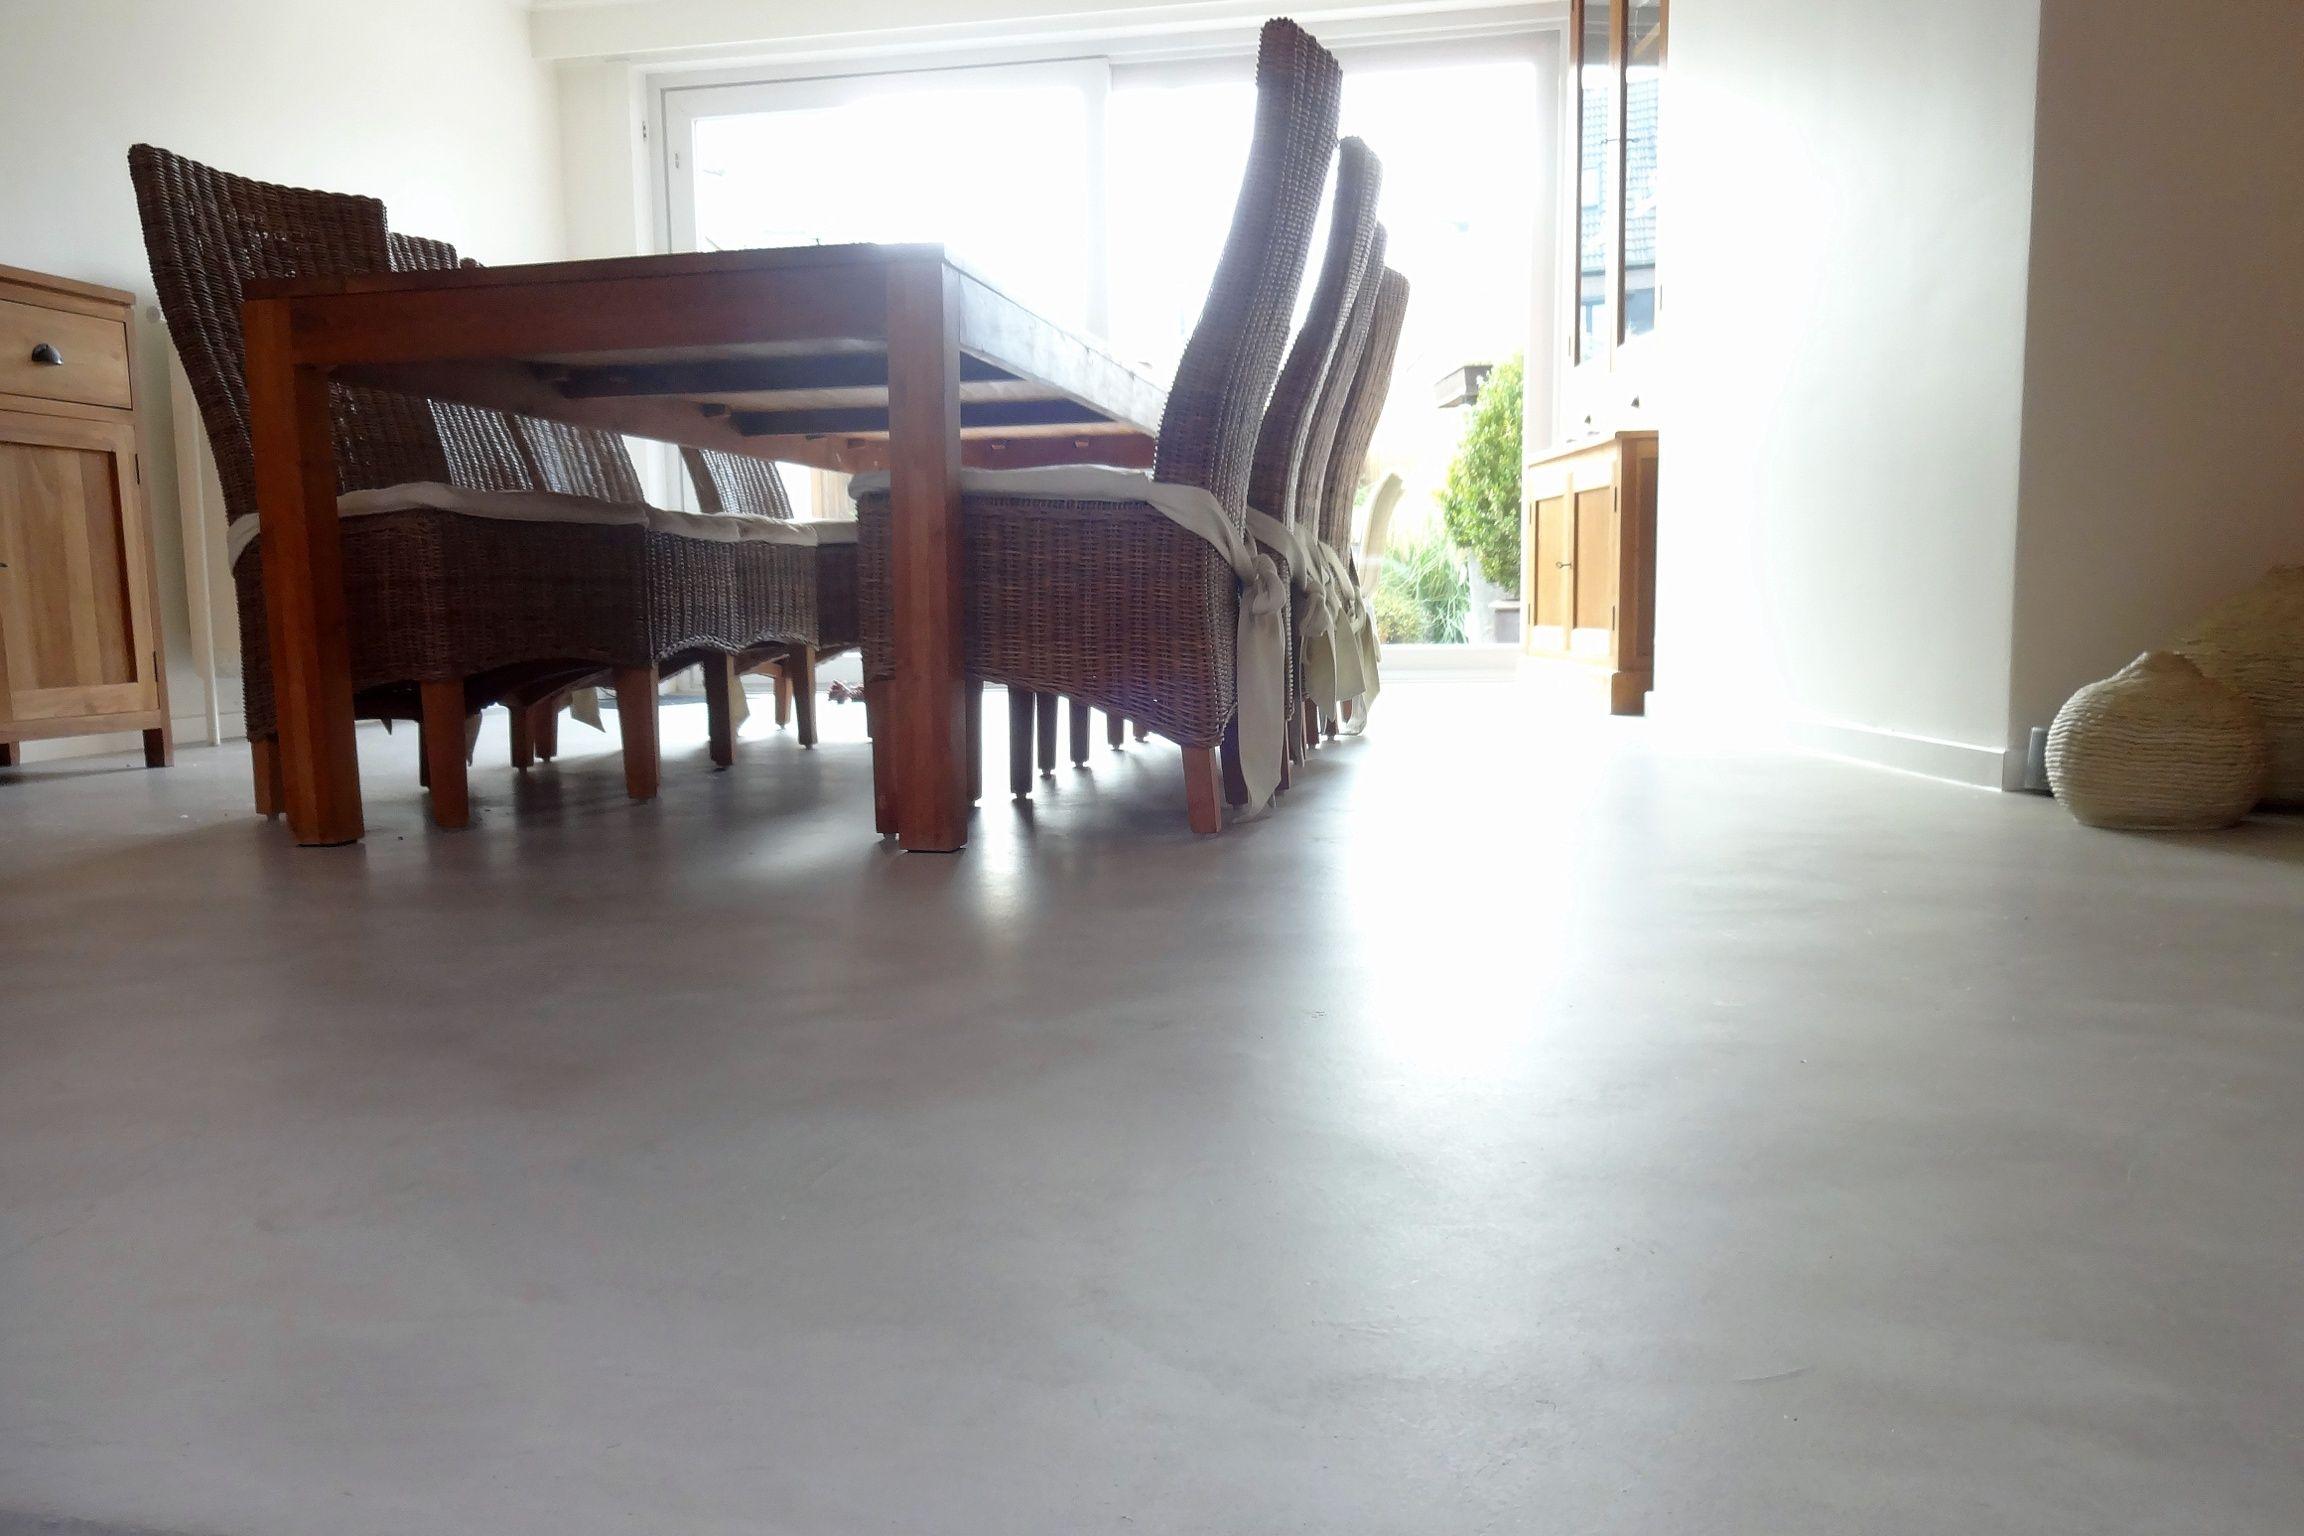 betonlook looks van een gietvloer het is een stukadoorstechniek